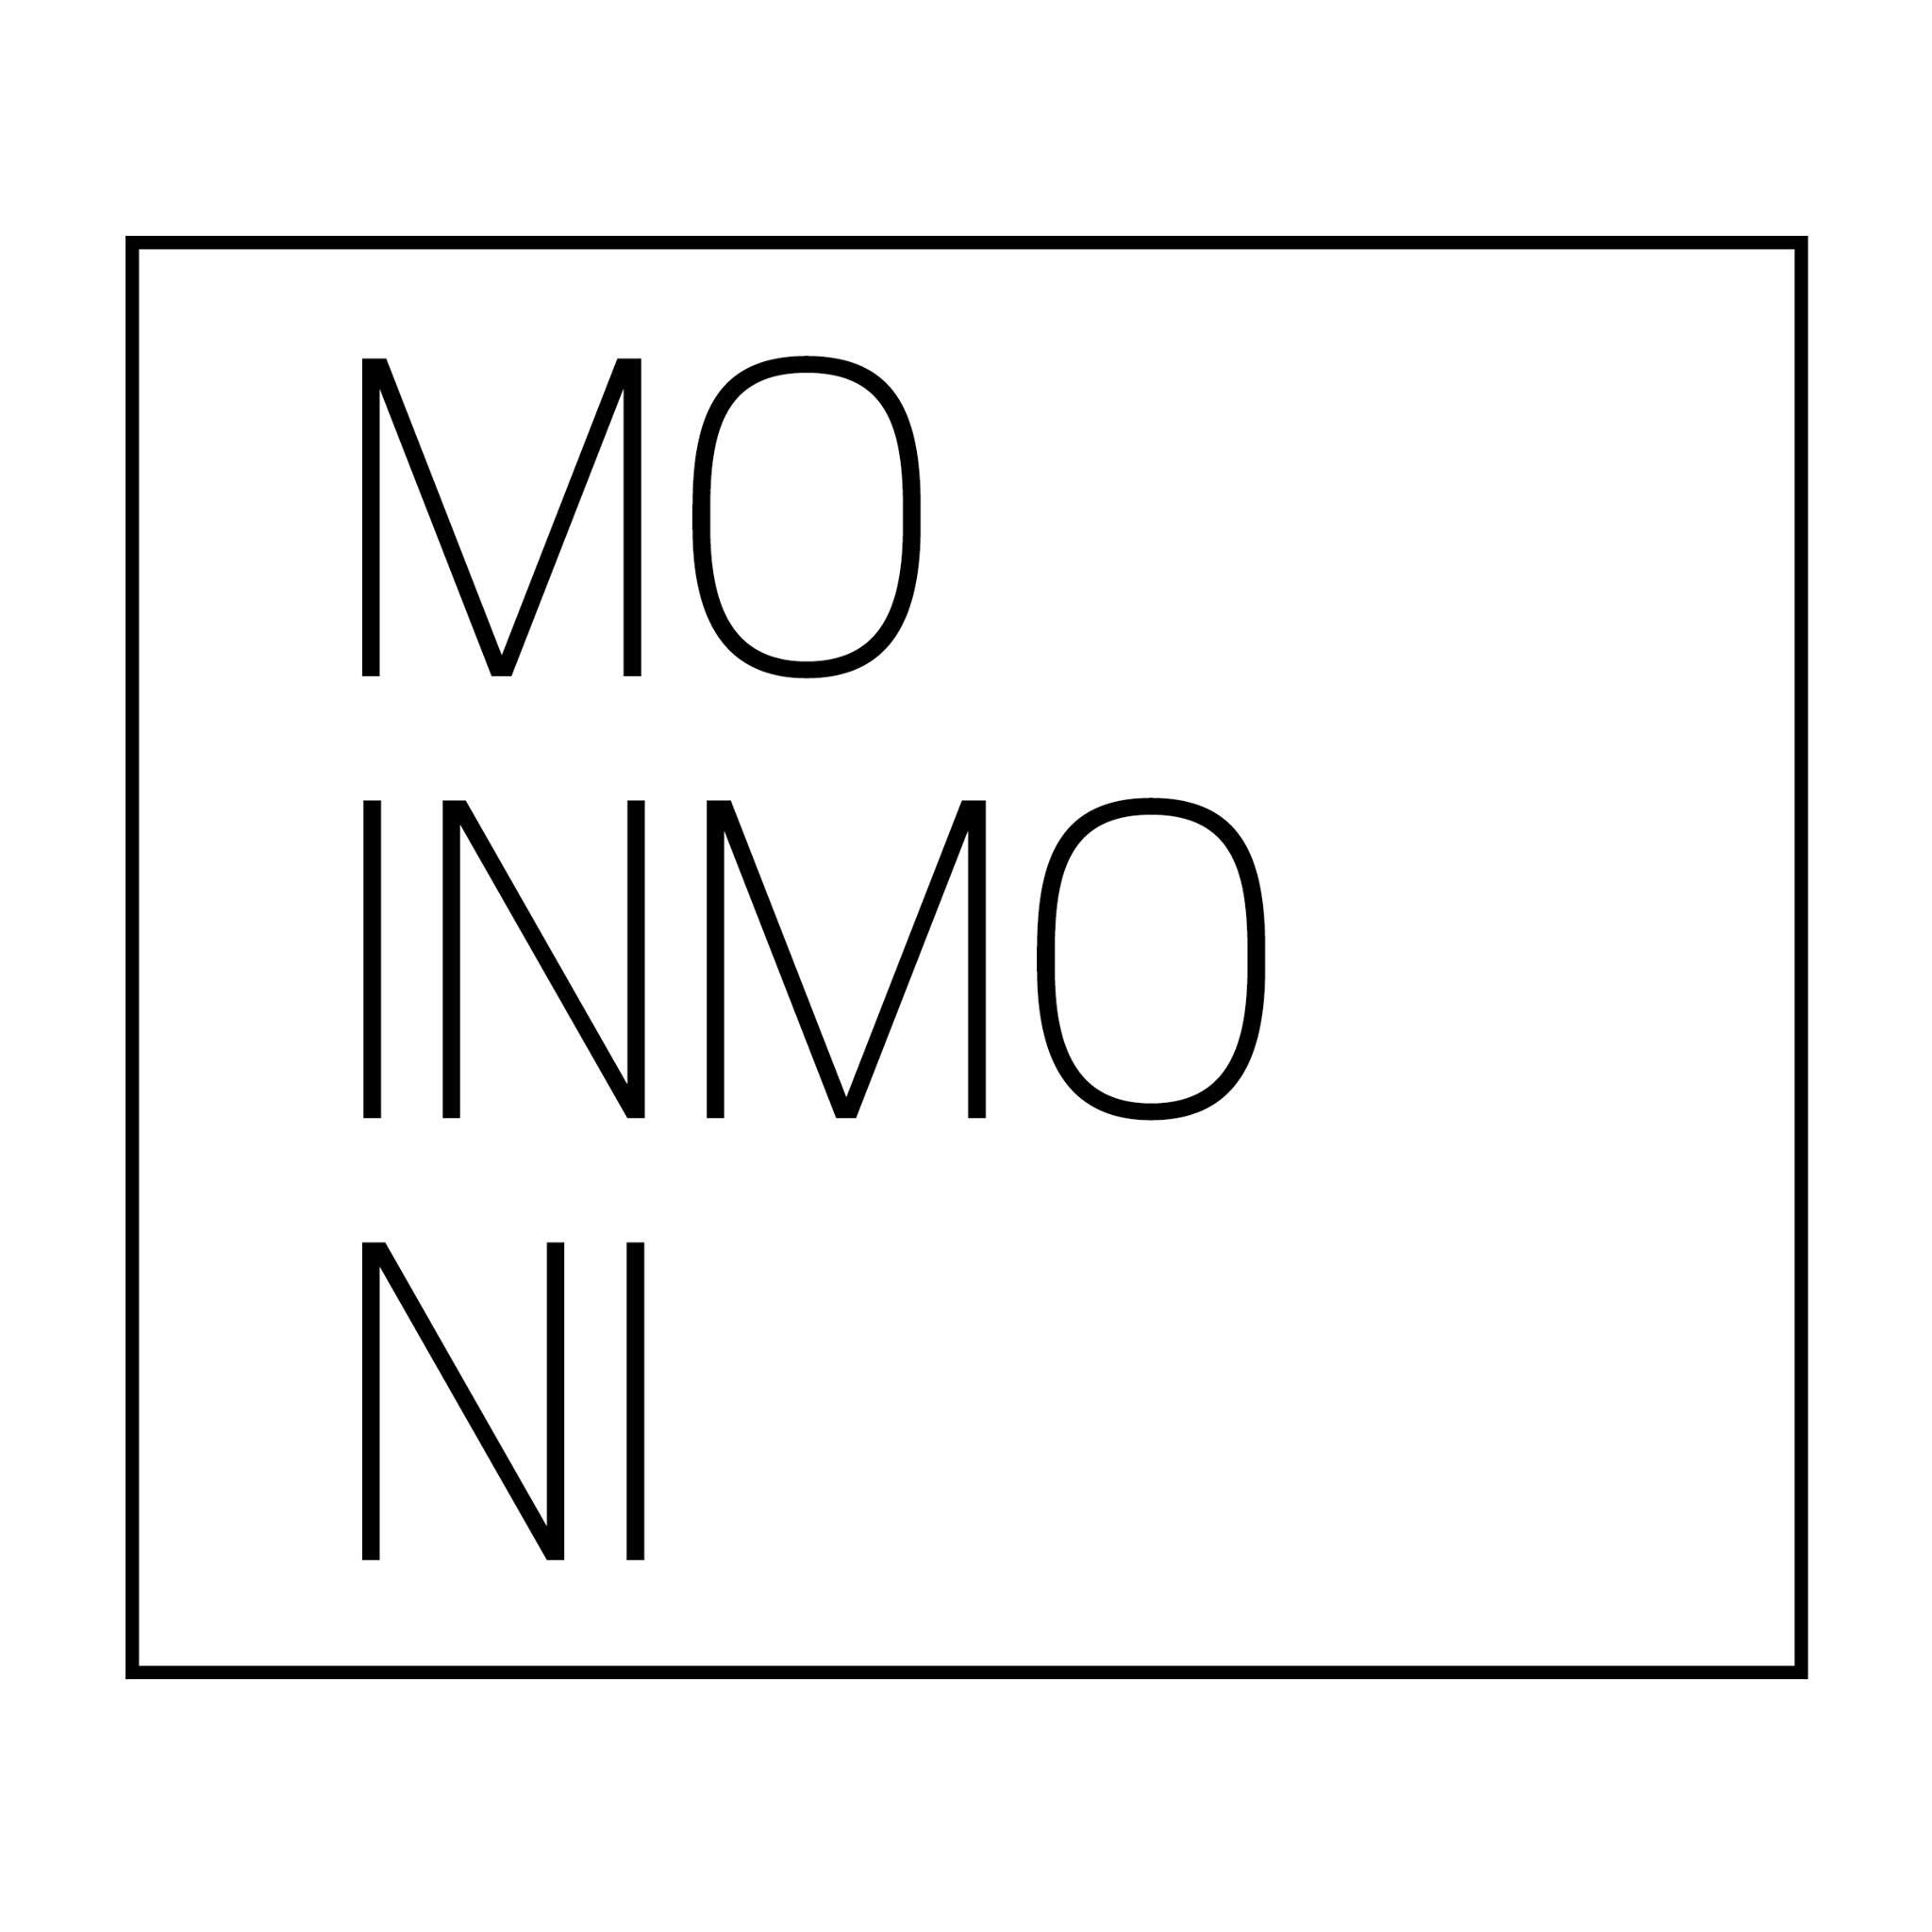 MoinMoni